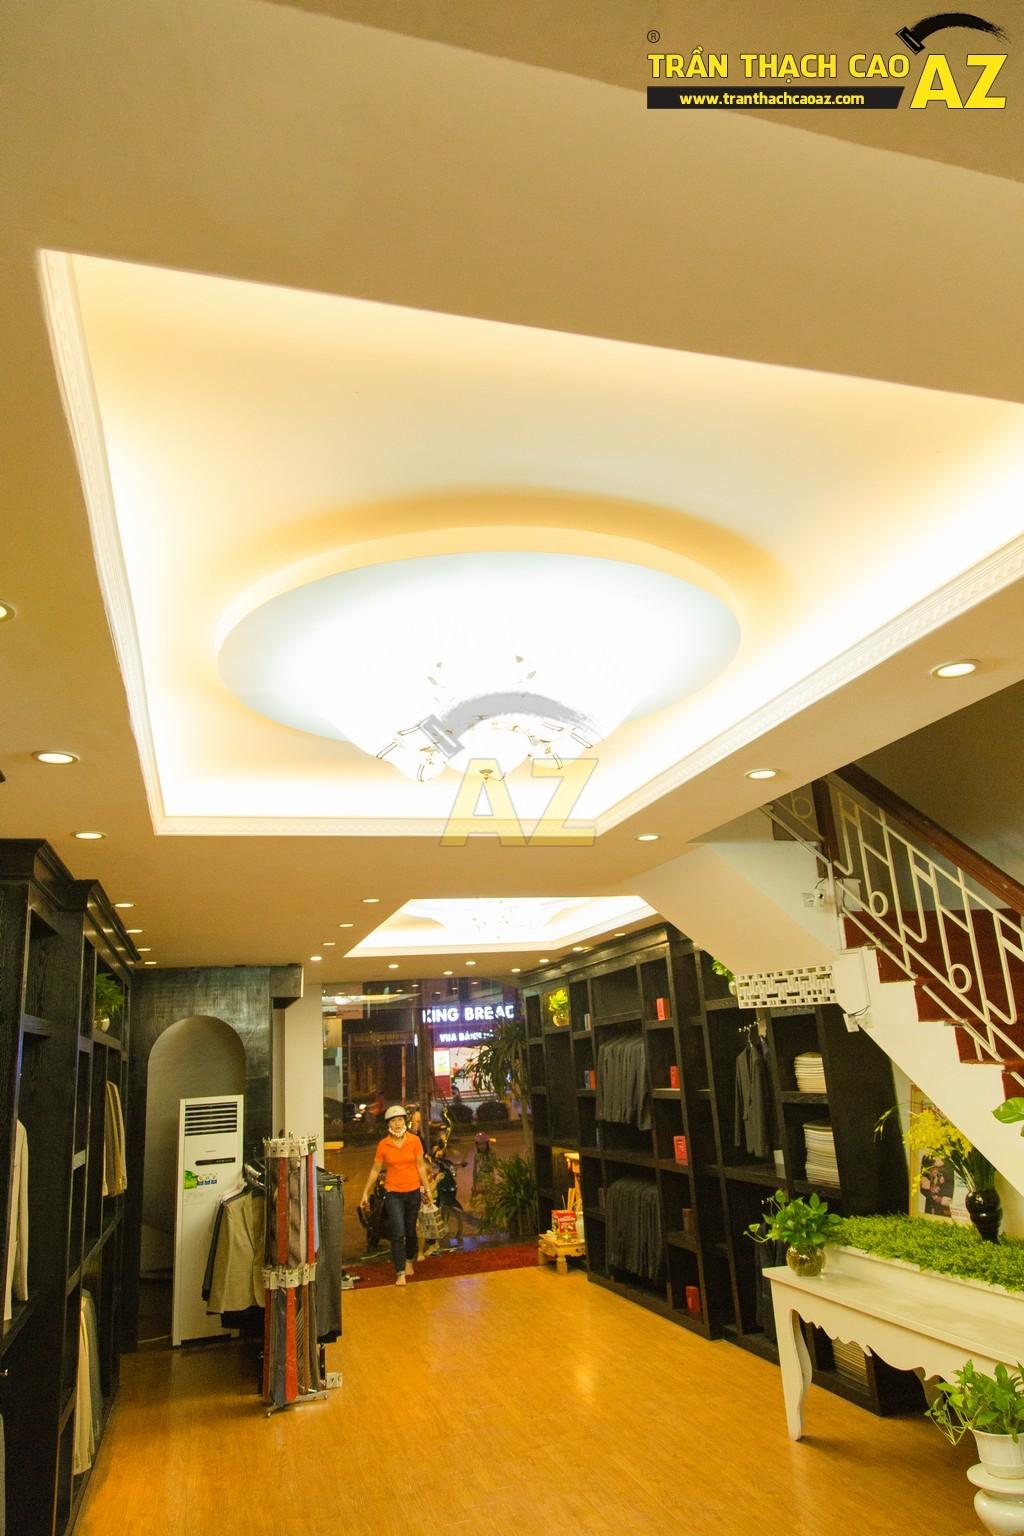 Thời trang Maria lịch lãm đầy lôi cuốn với mẫu trần thạch cao shop đẹp đẳng cấp - 04